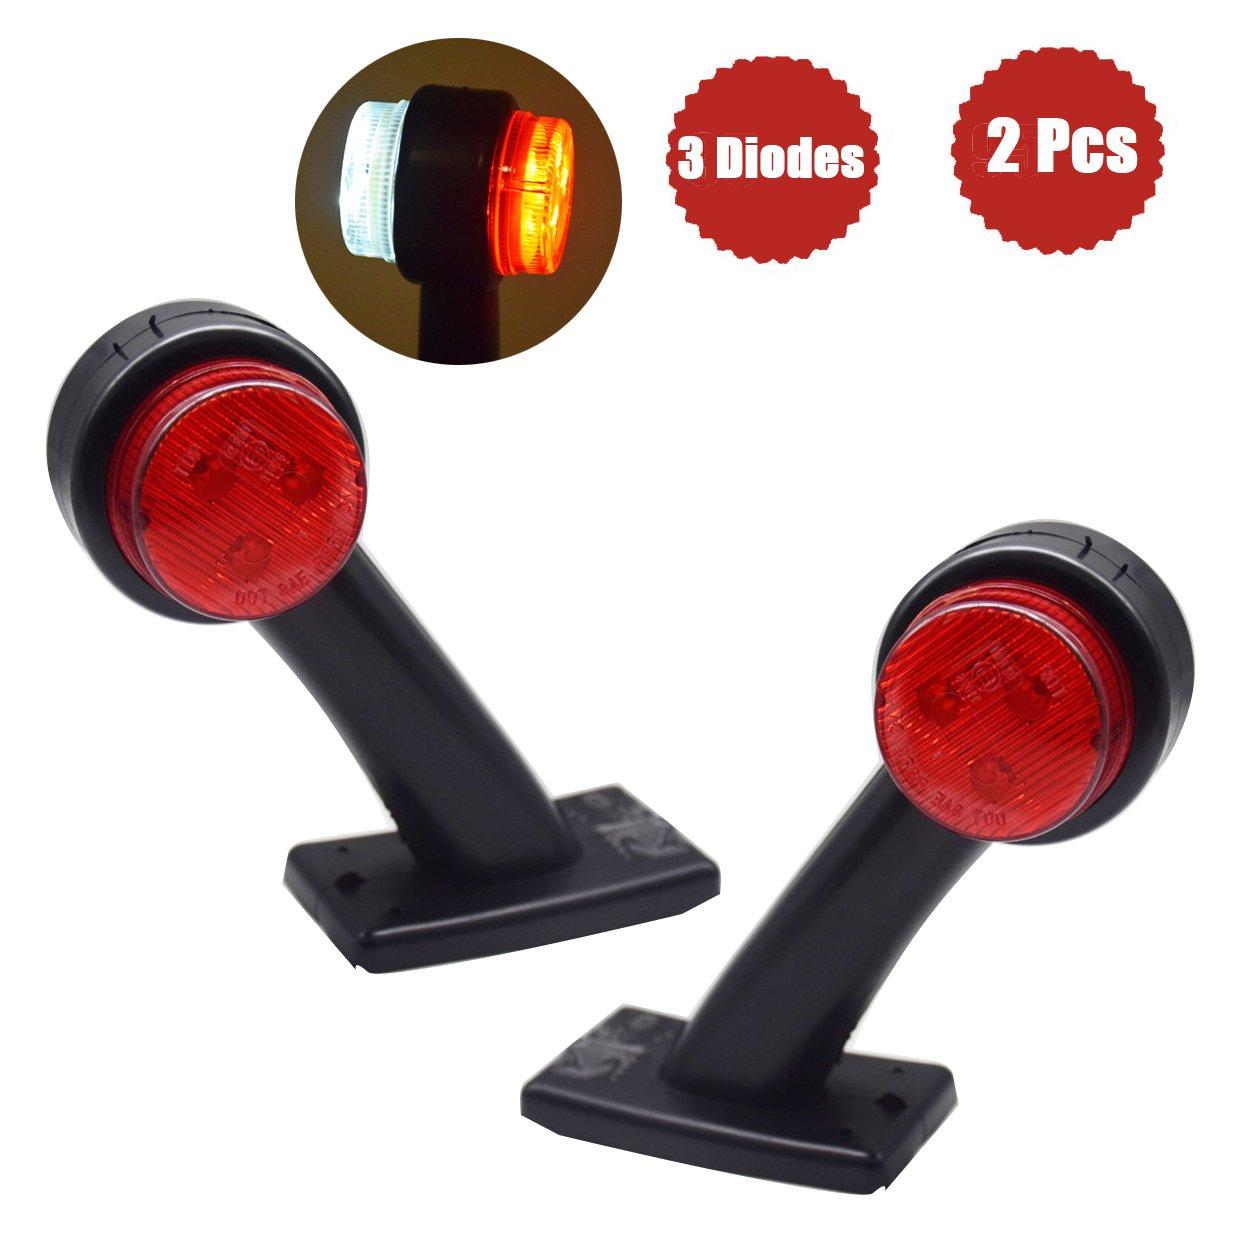 12V/24V Begrenzungsleuchte Positionsleuchte fü r Anhä nger LKW LED Seitenmarkierungsleuchten(2pcs) WildAuto